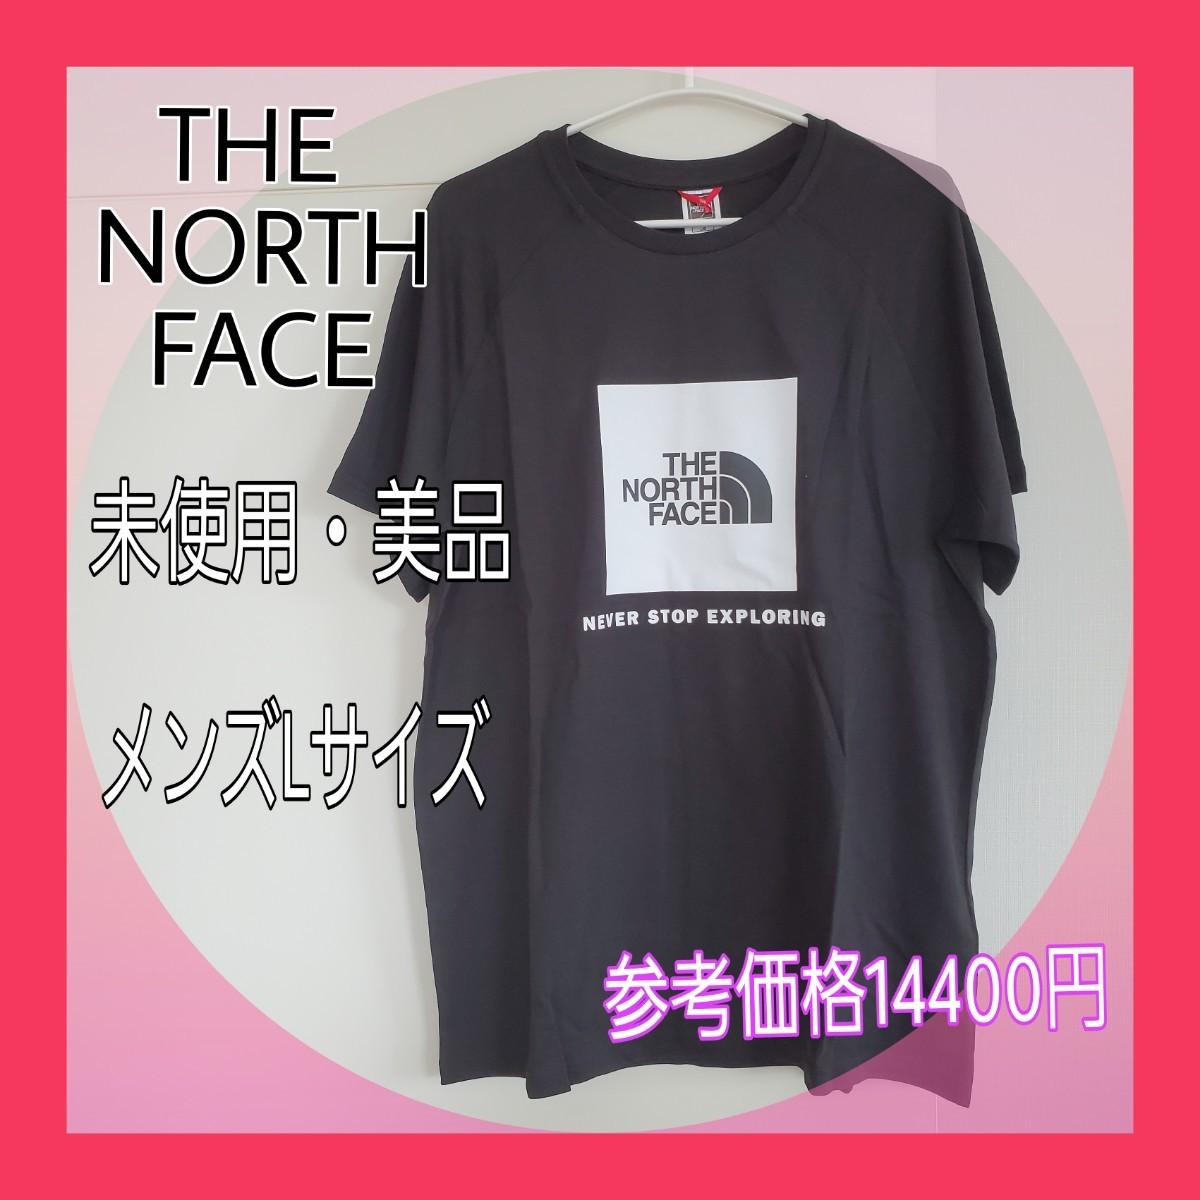 ザノースフェイススクエアロゴTシャツ☆メンズLサイズTHE NORTH FACE 半袖Tシャツ BLACK Logo